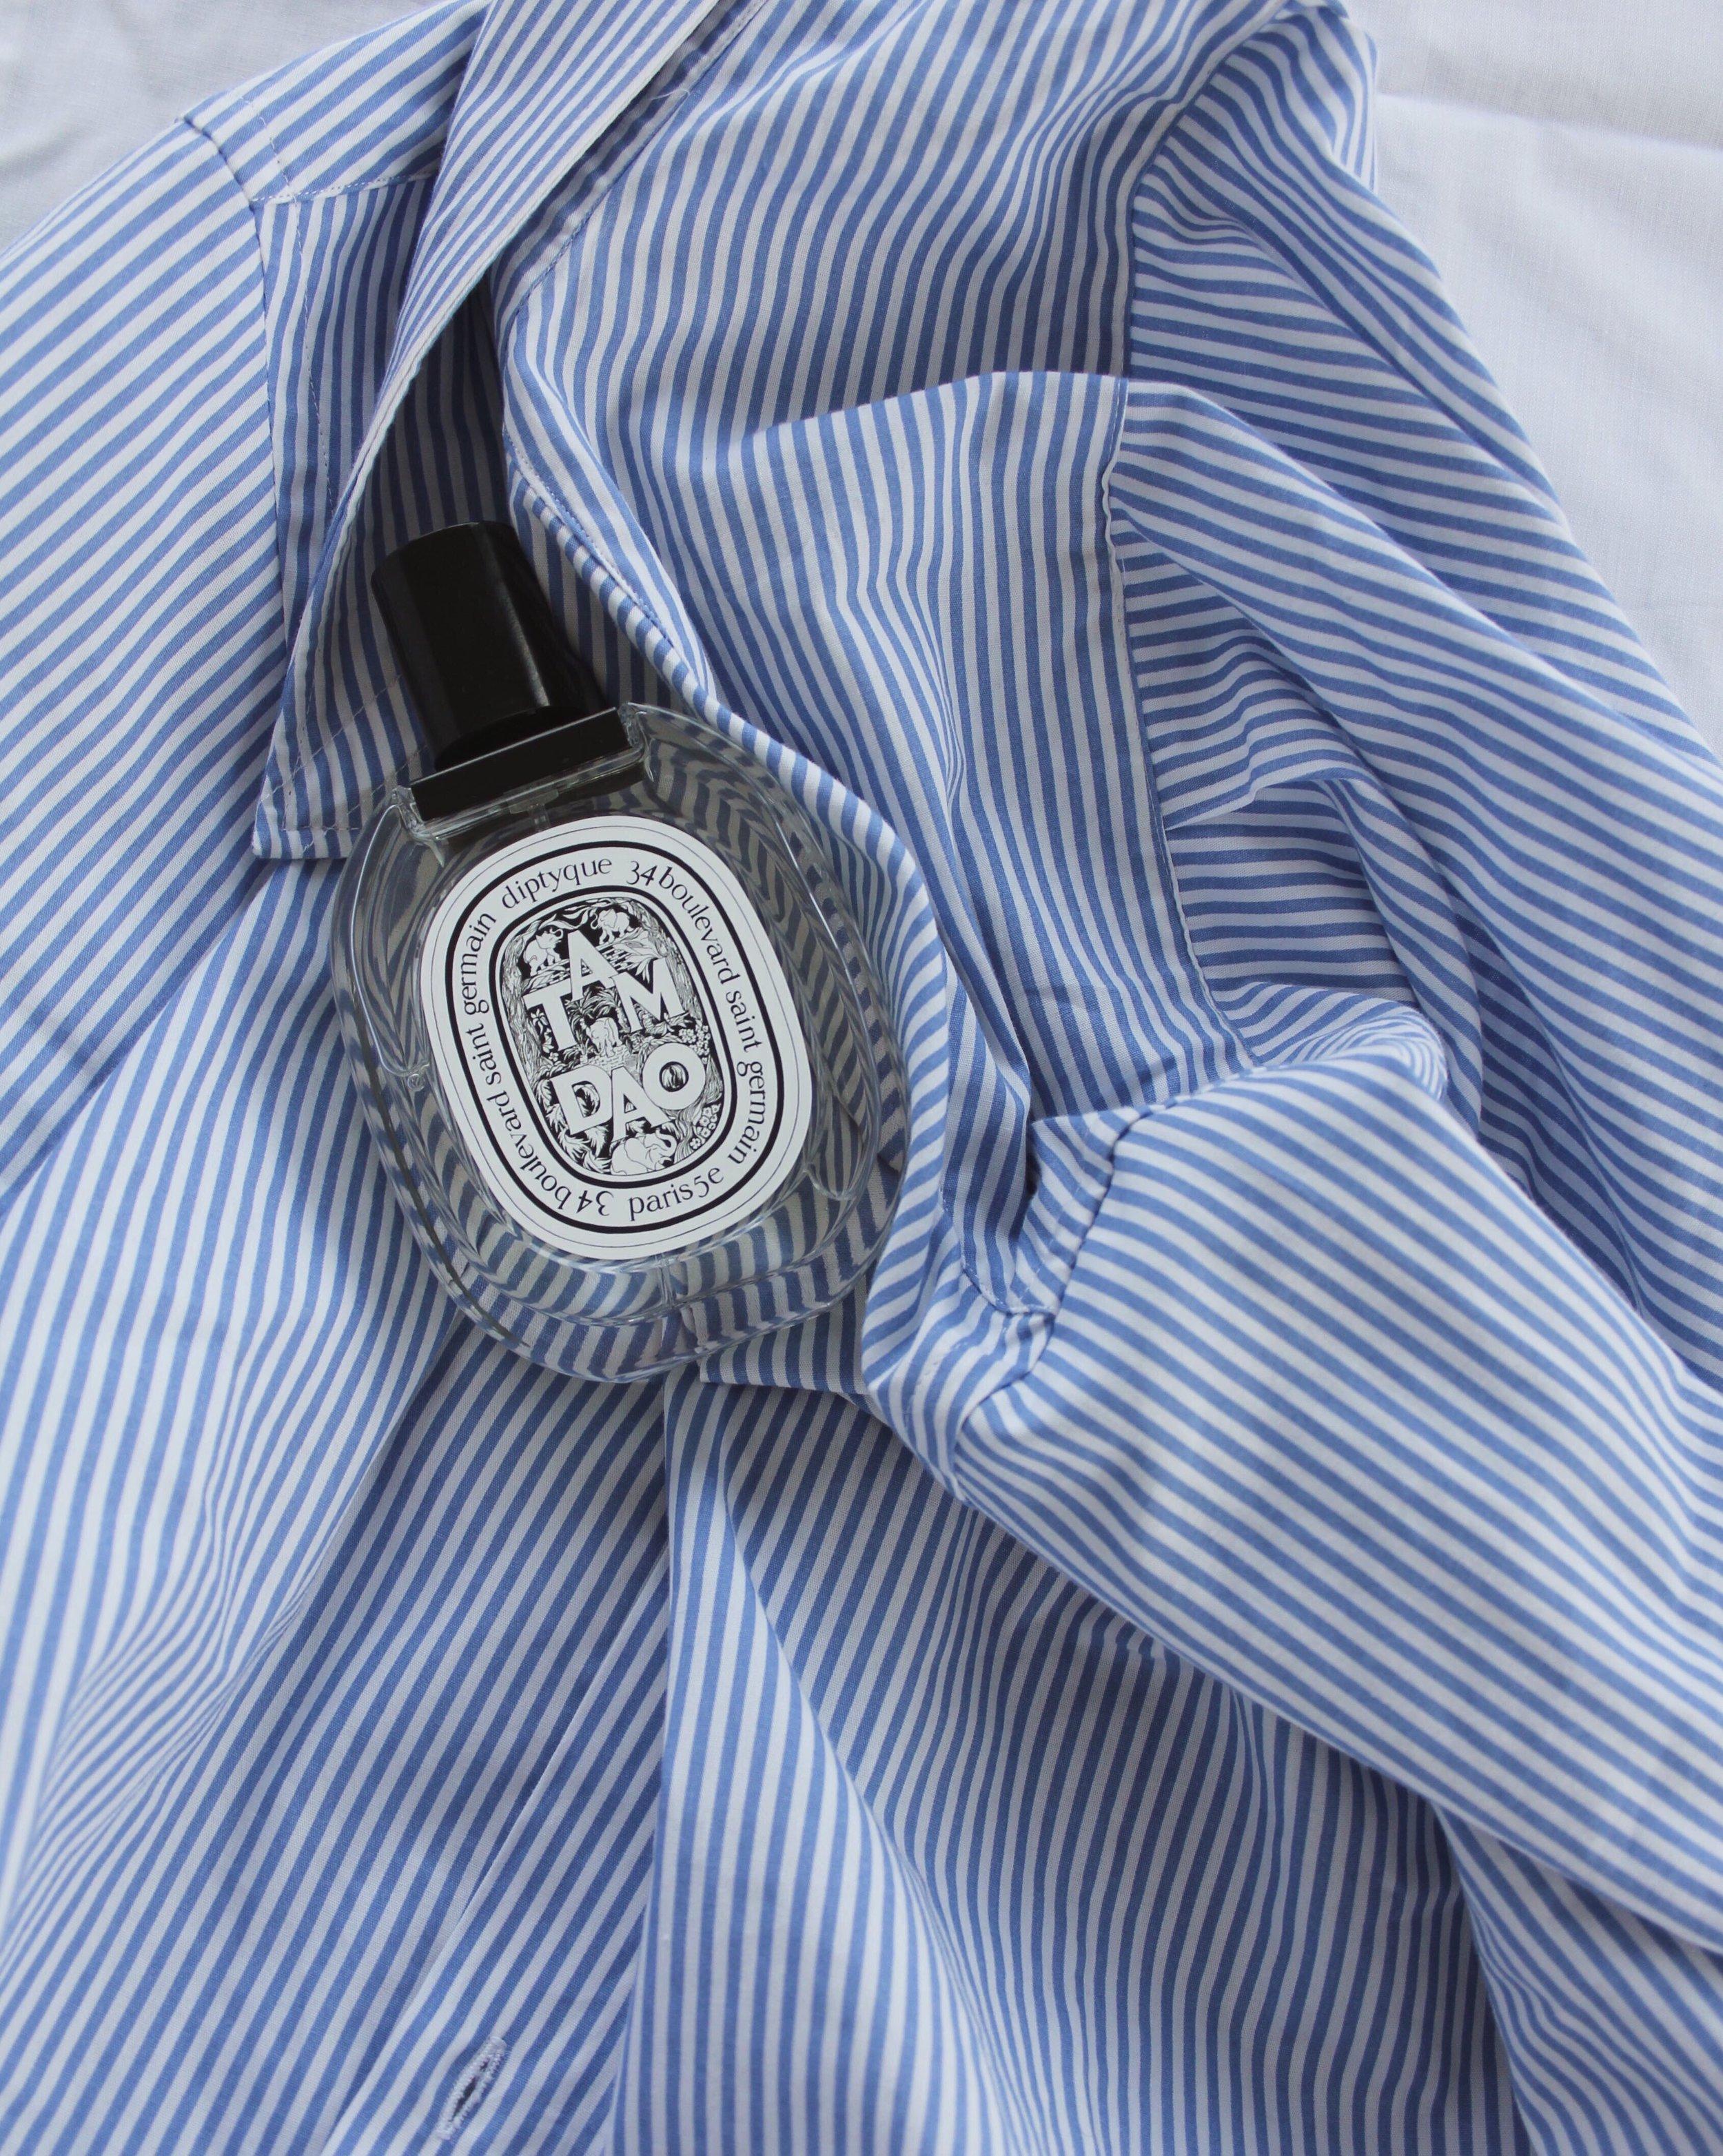 diptyque_striped_shirt